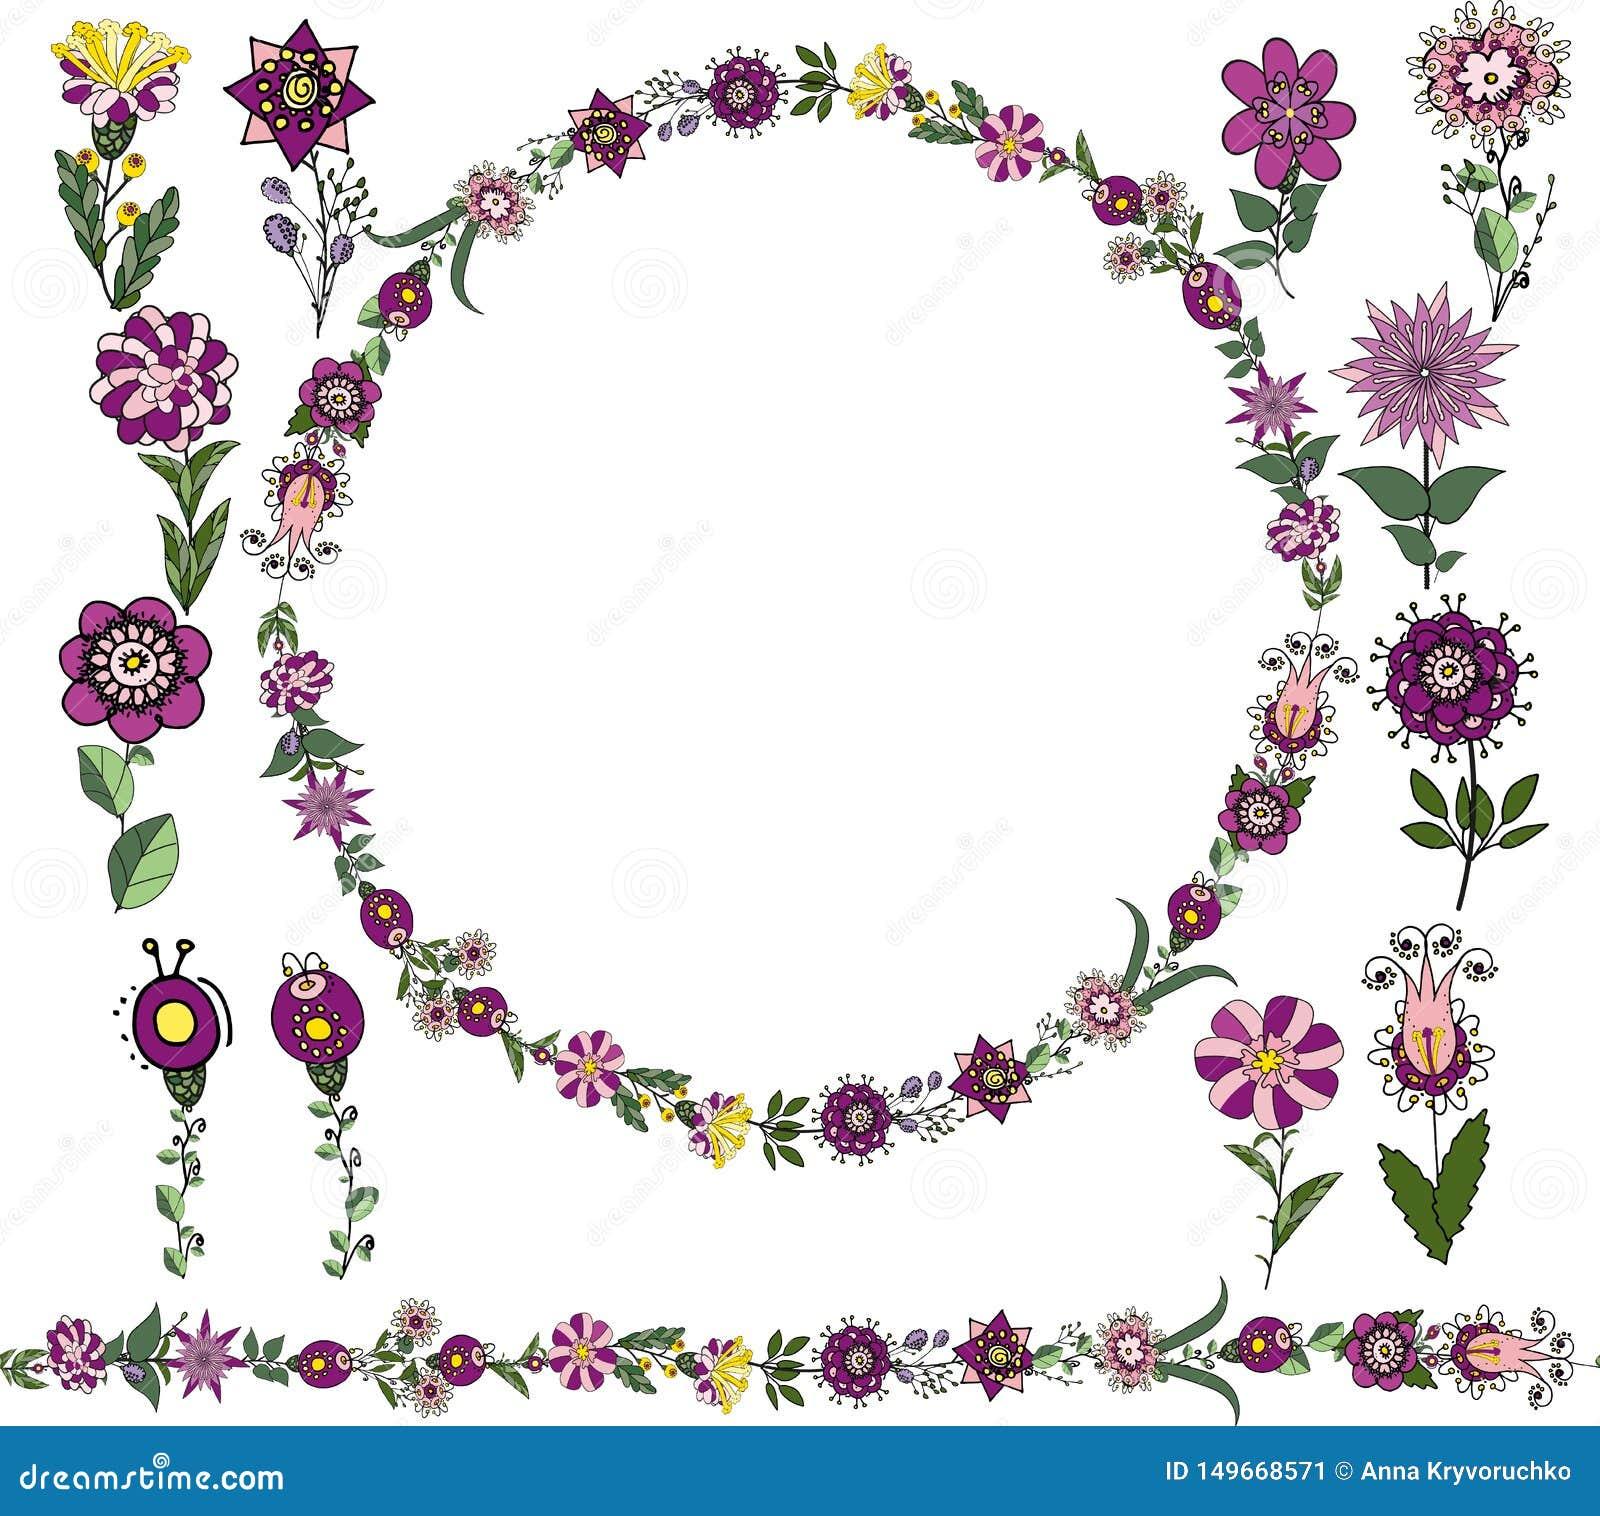 Διανυσματικό Floral σύνολο: Άνευ ραφής βούρτσα, στρογγυλό πλαίσιο από τα απλά βοτανικά στοιχεία στο εθνικό ύφος, λουλούδια των ιω